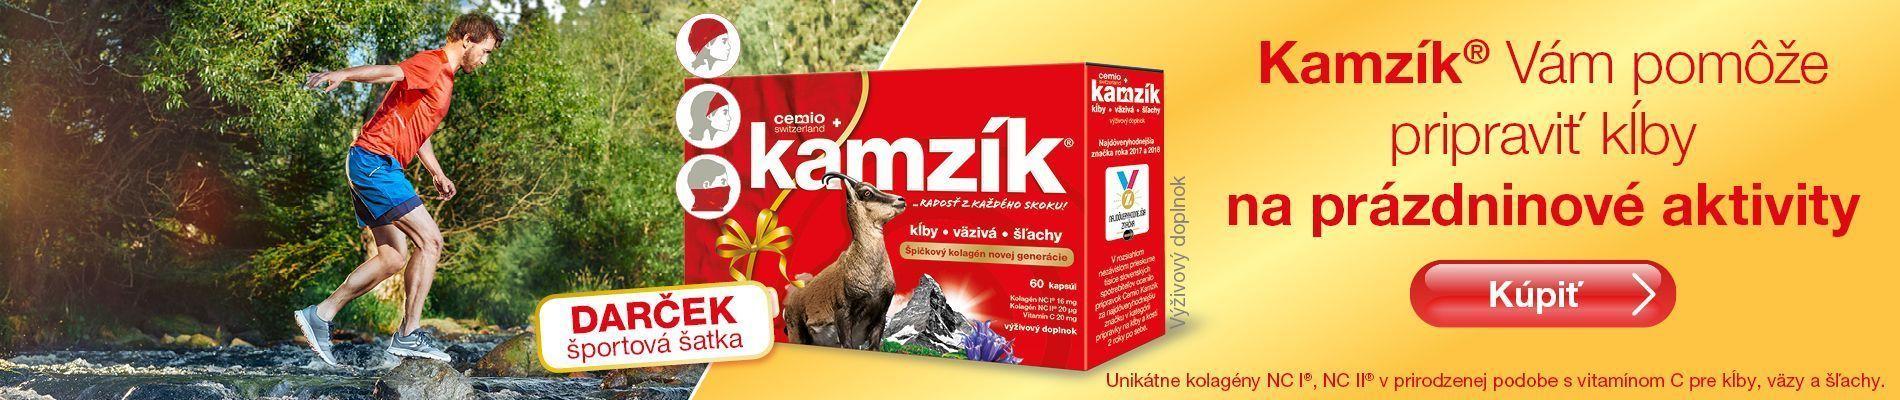 Cemio Kamzík + športová šatka